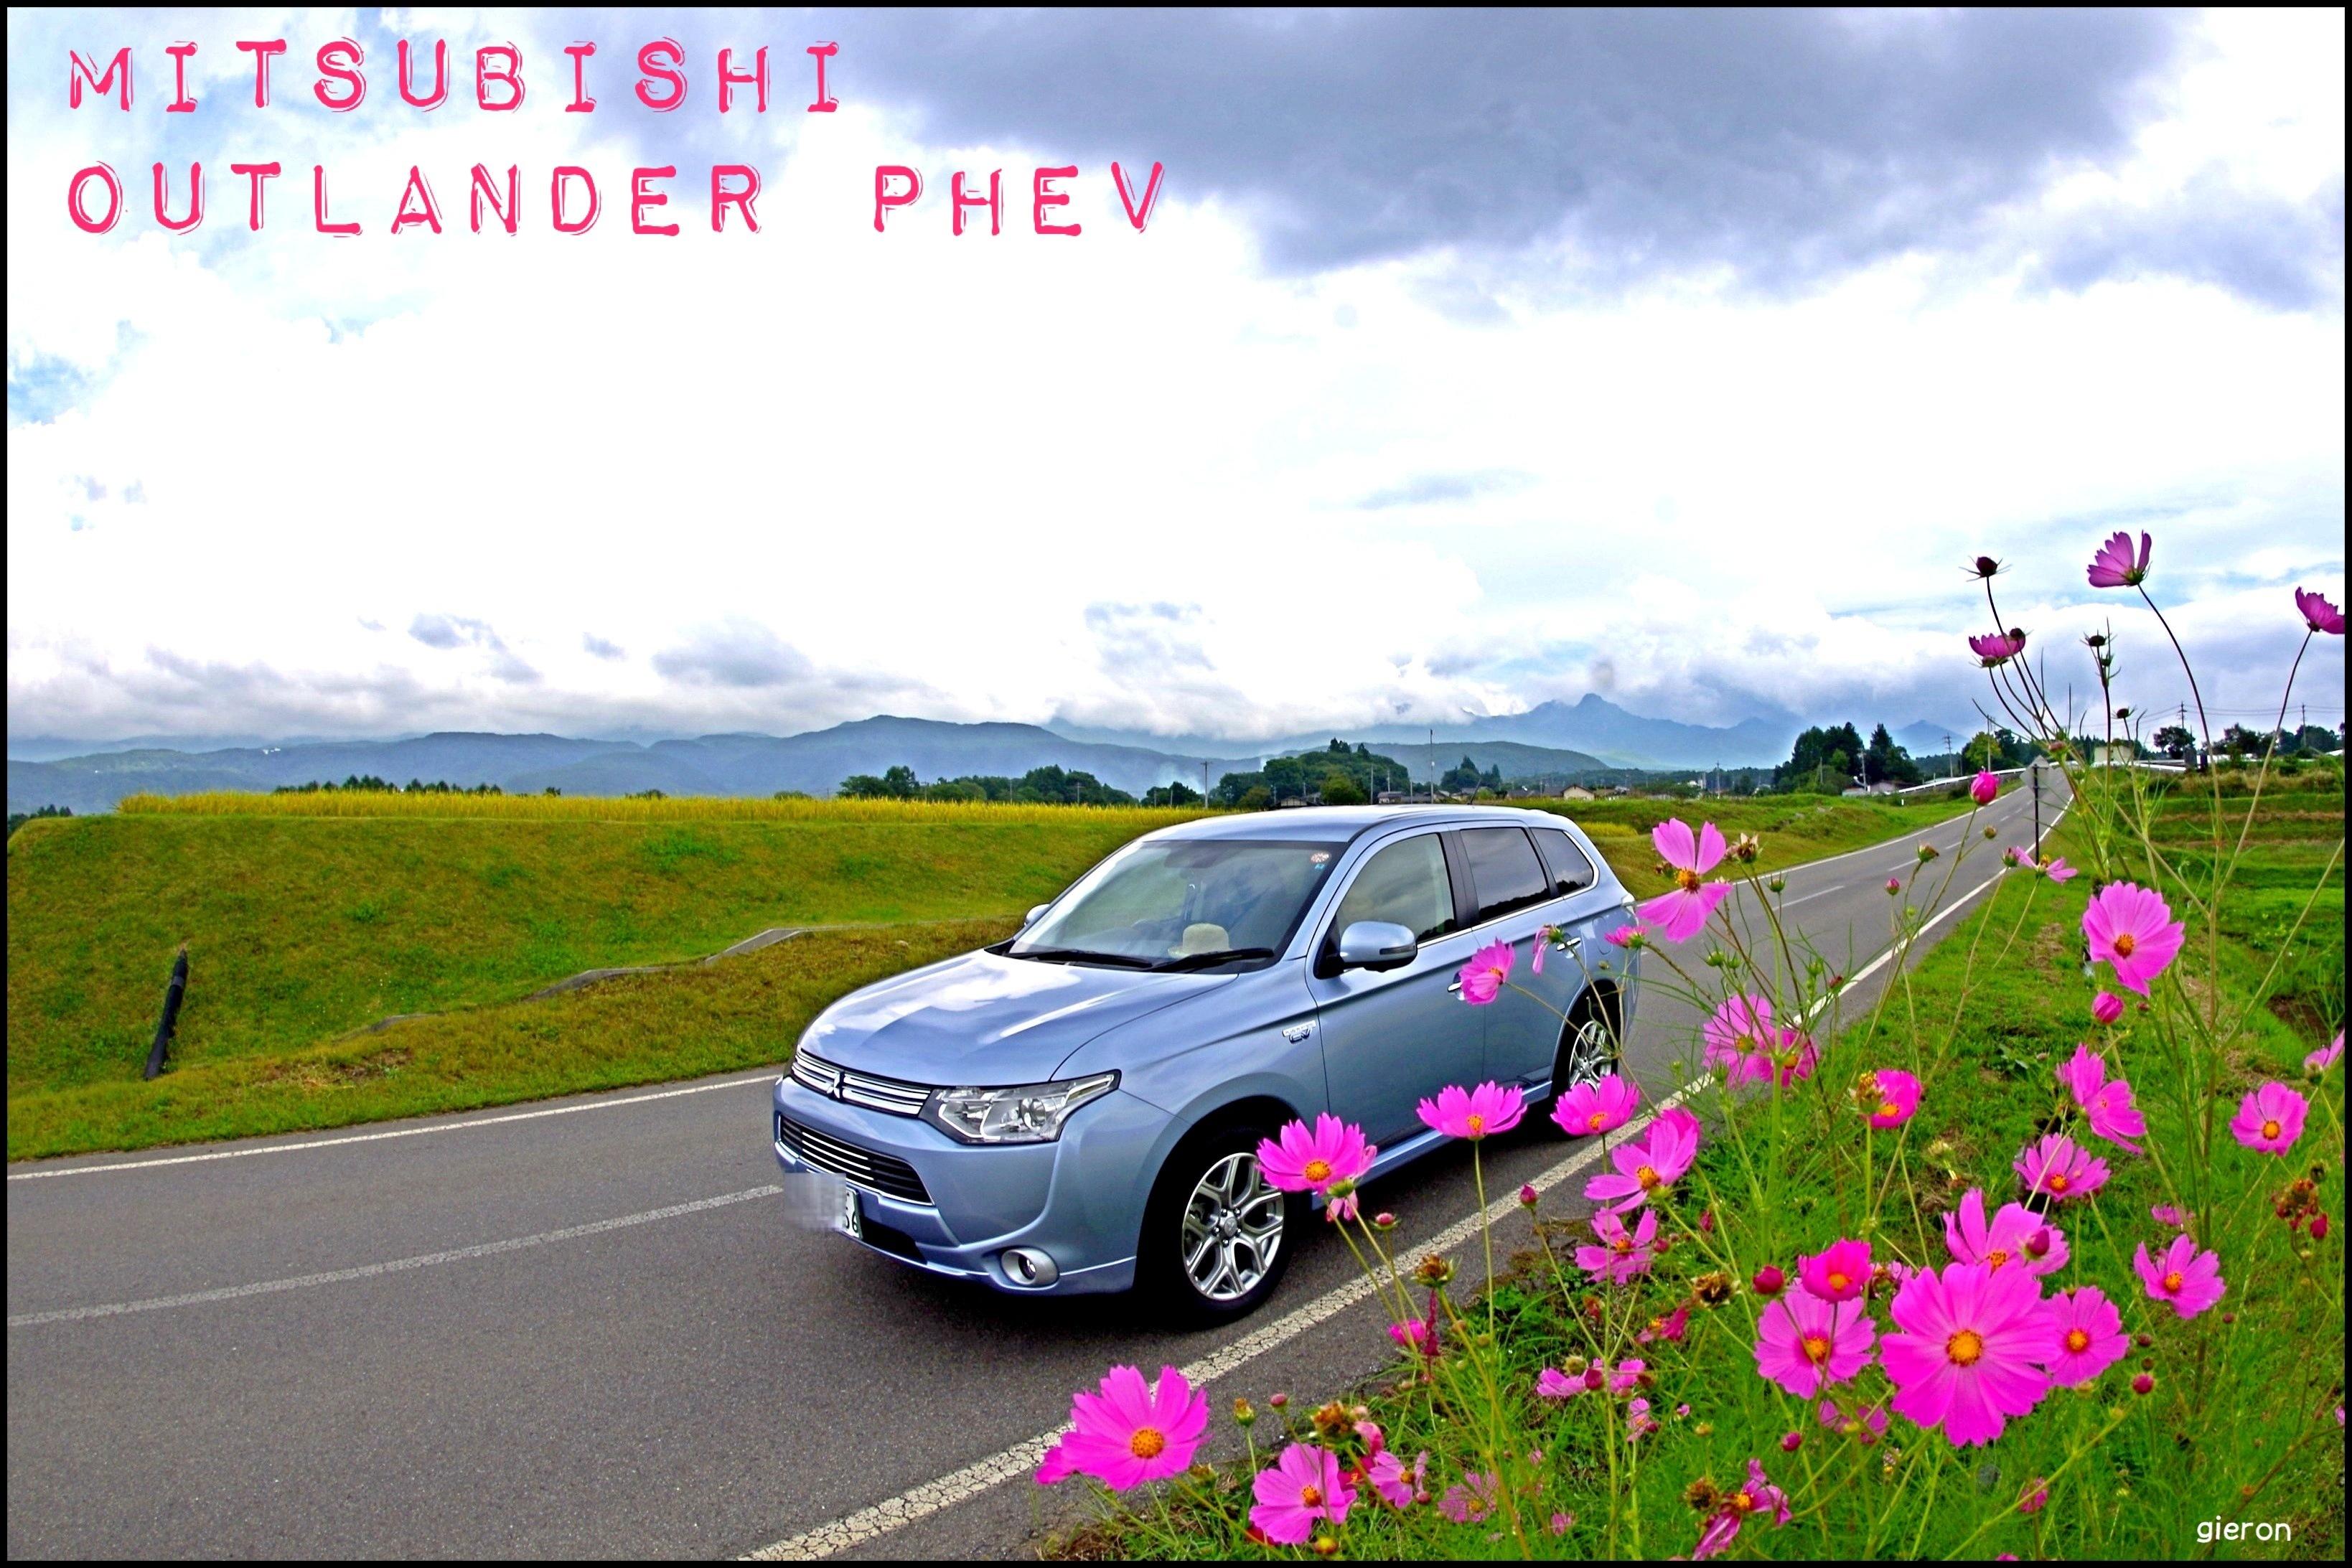 アウトランダーPHEV 秋 outlander PHEV MITSUBISHI